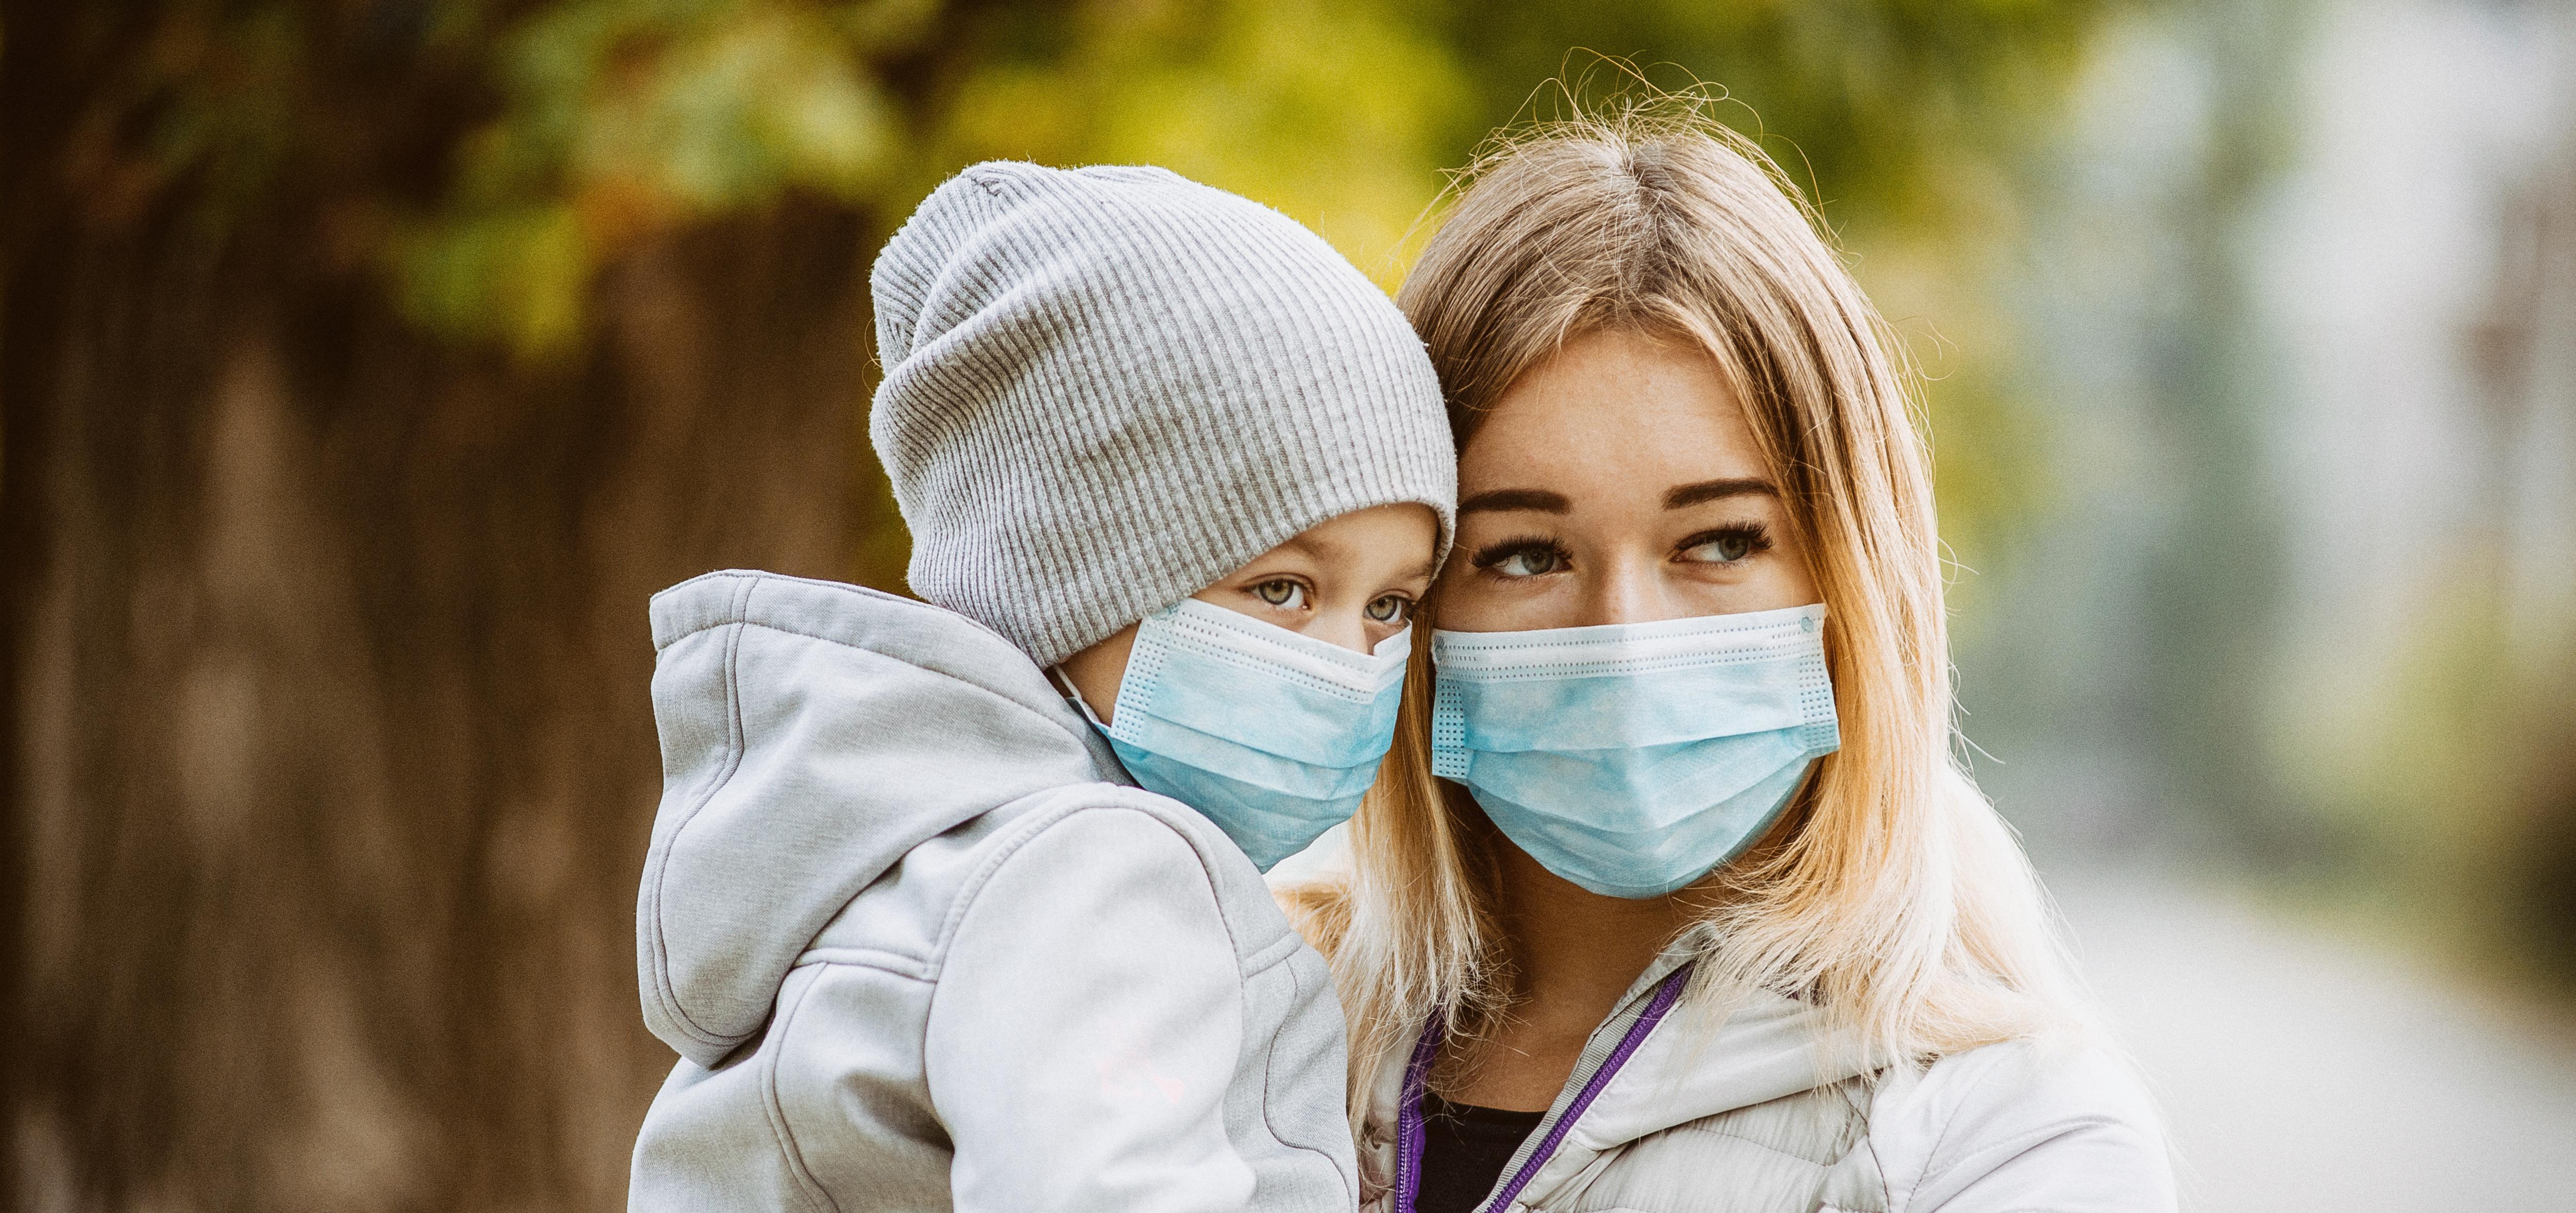 La pollution de l'air au début de la vie et durant l'enfance peut contribuer à la dépression, à l'anxiété et à d'autres problèmes de santé mentale à l'adolescence.